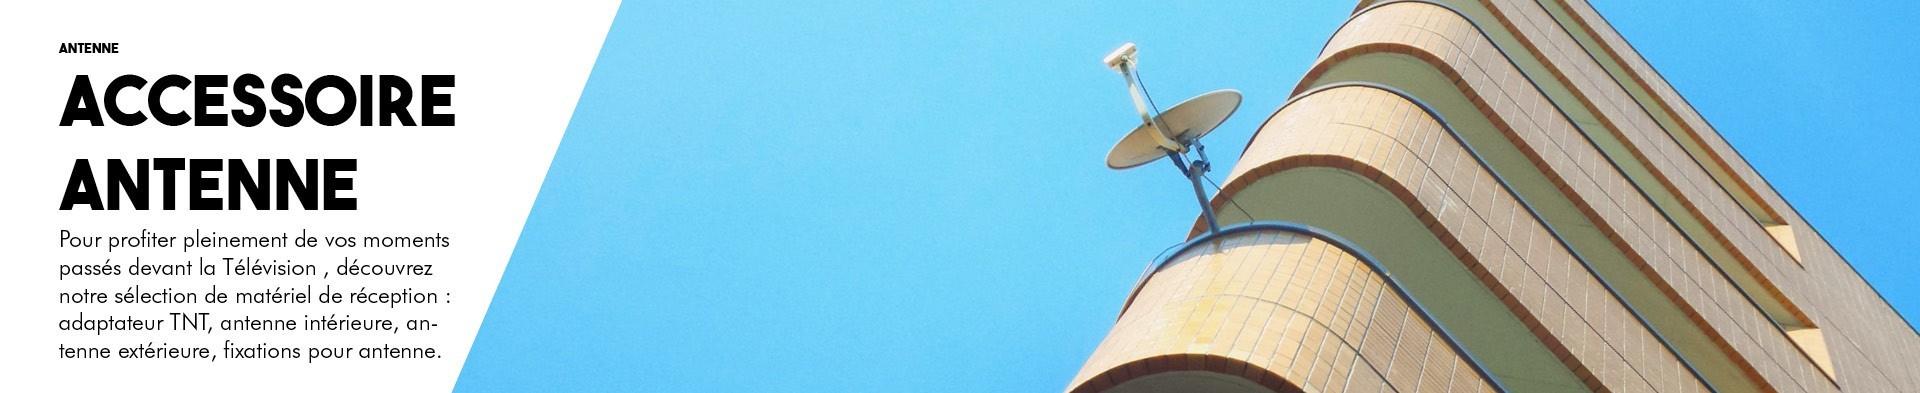 Accessoire antenne